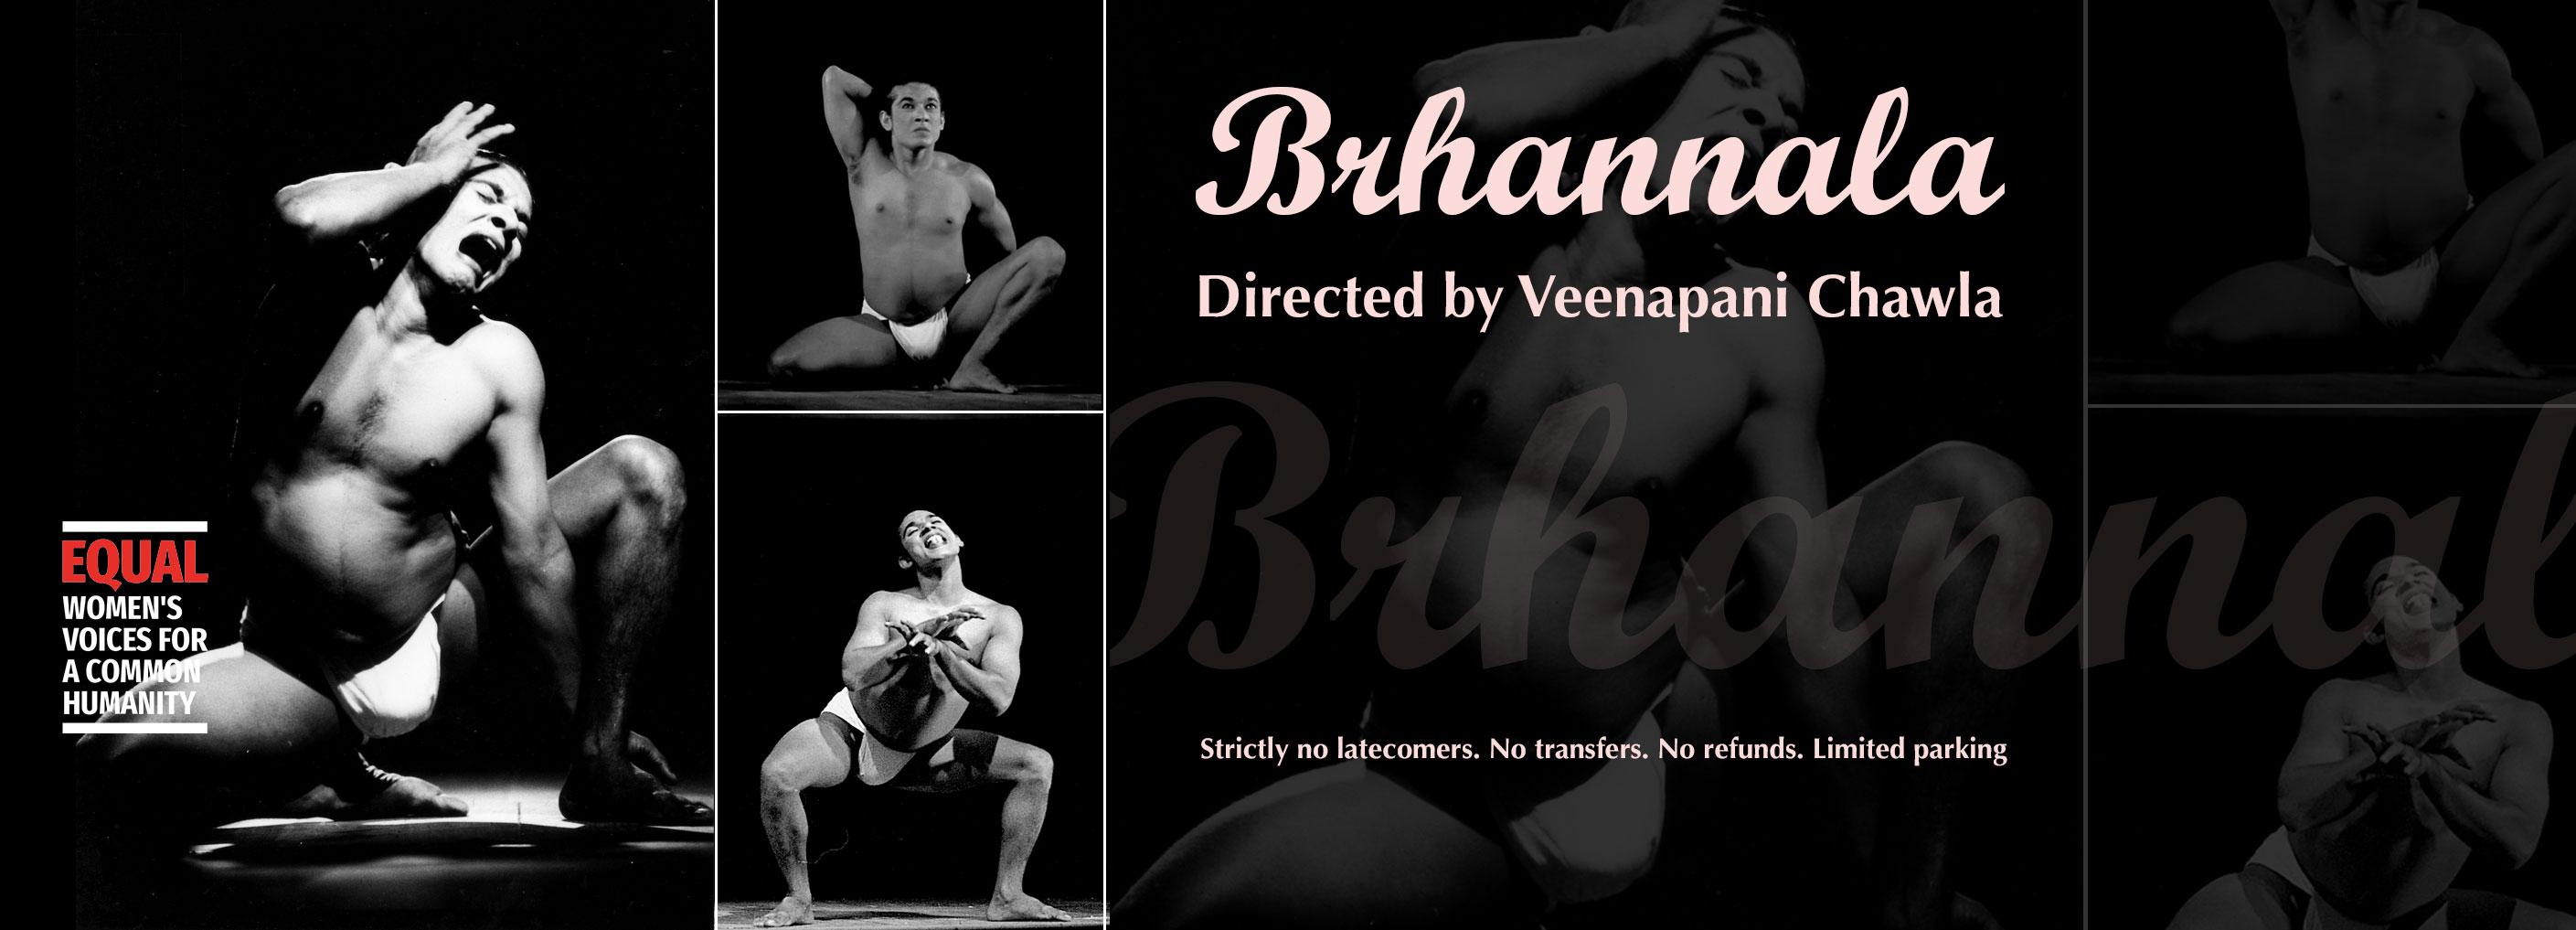 Adishakti's Brhannala